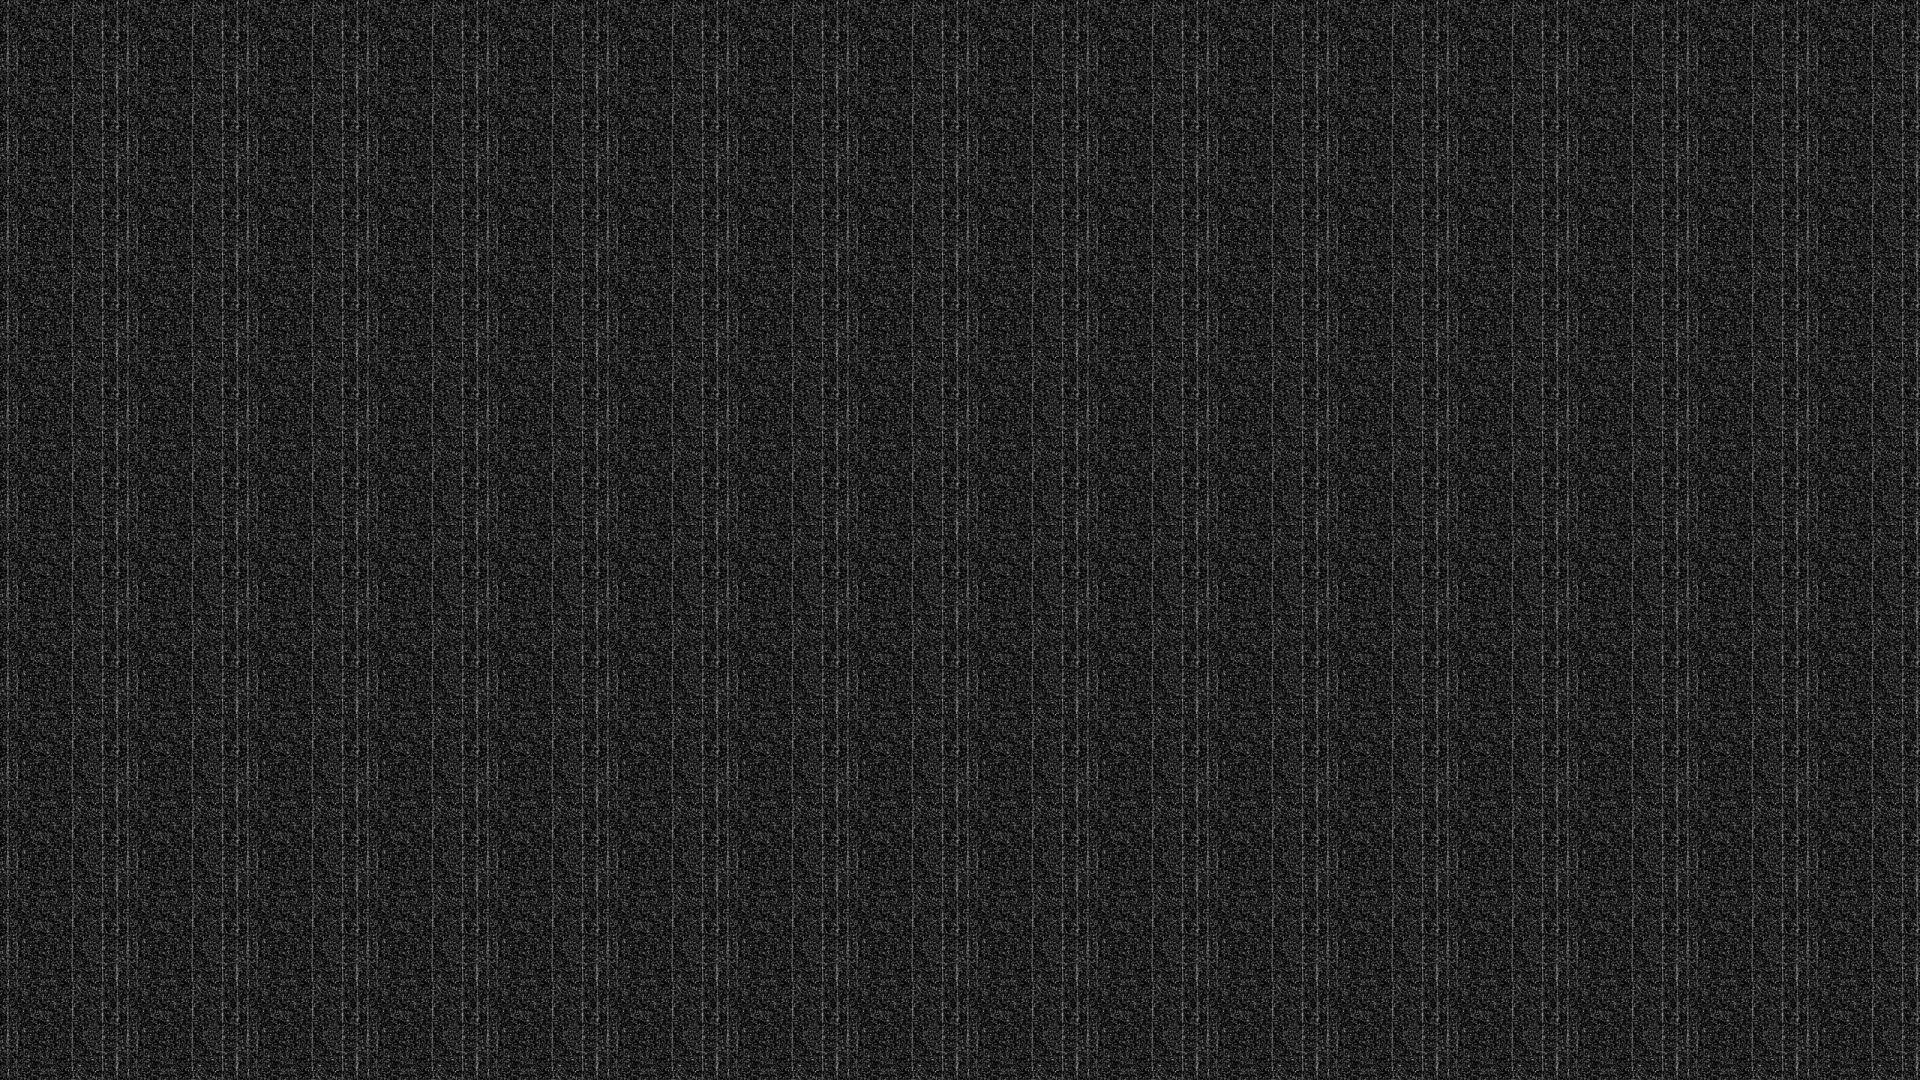 Tv Static desktop wallpaper